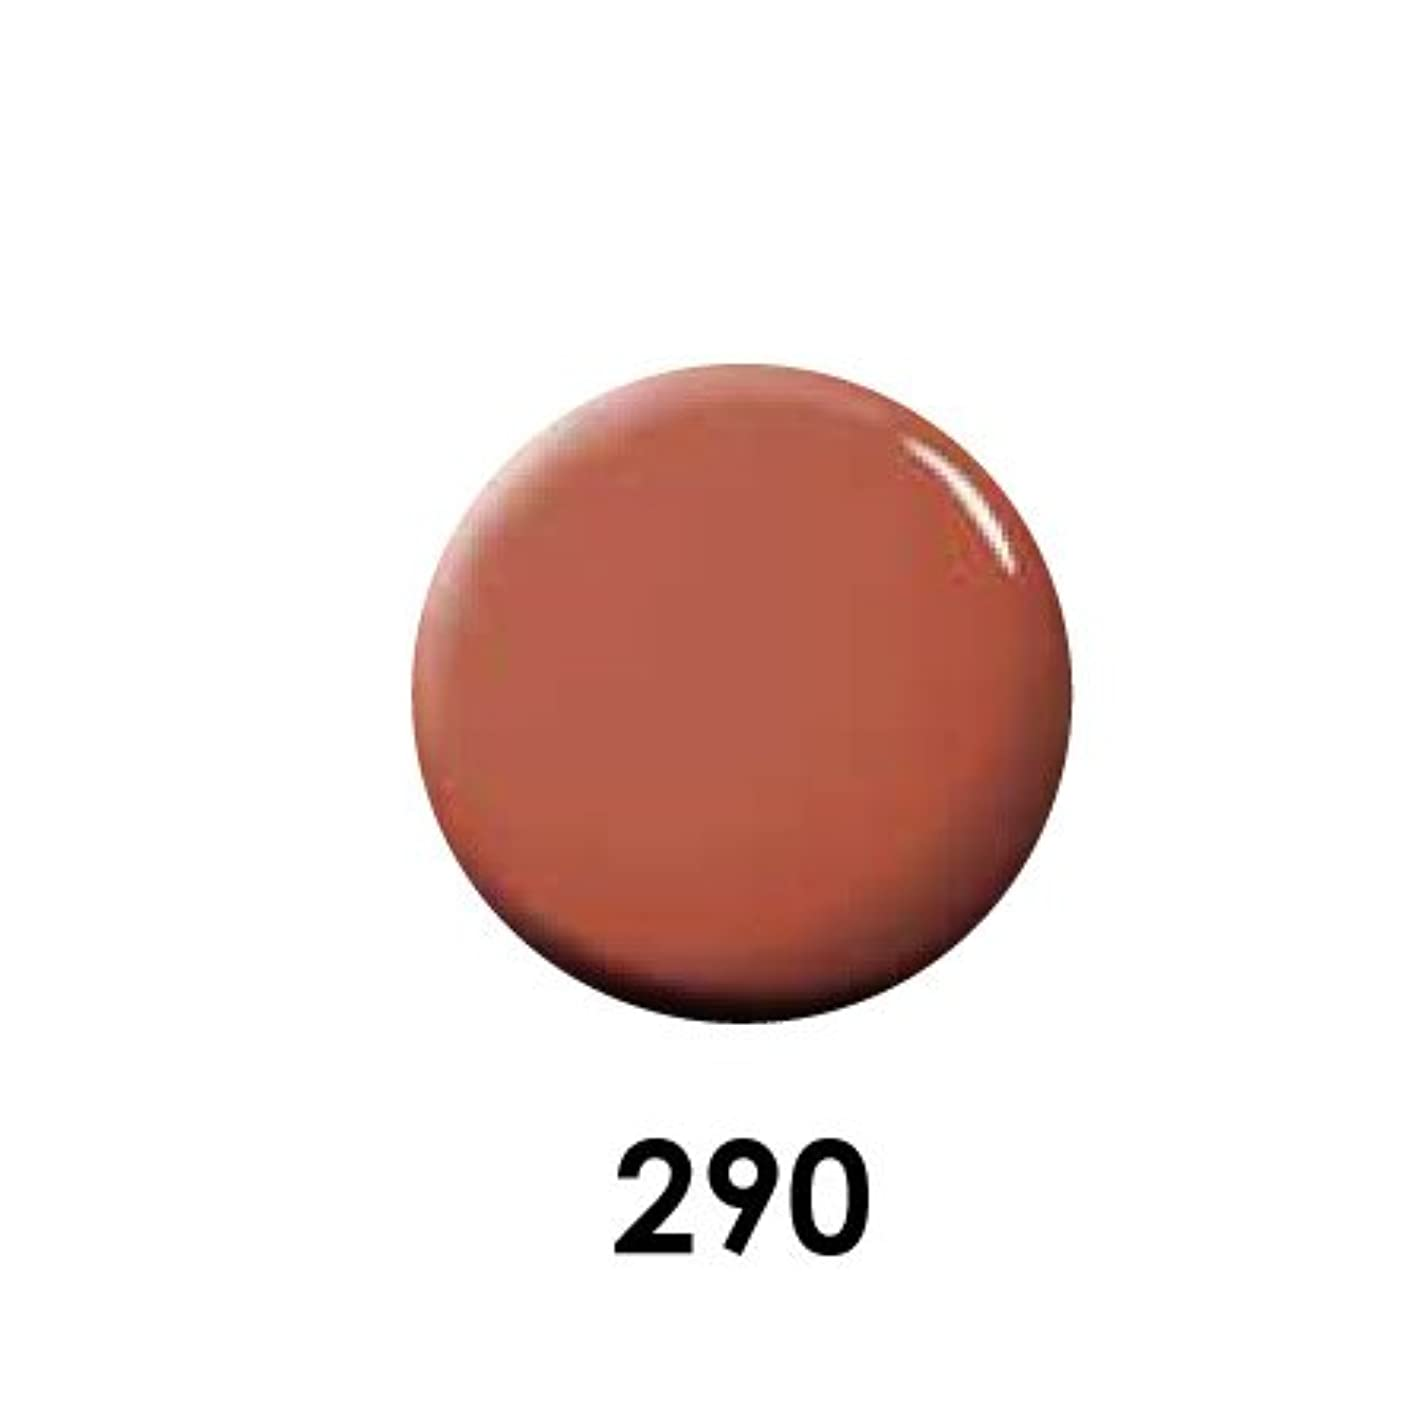 視力者根拠Putiel プティール カラージェル 290 レッドソイル 4g (MARIEプロデュース)